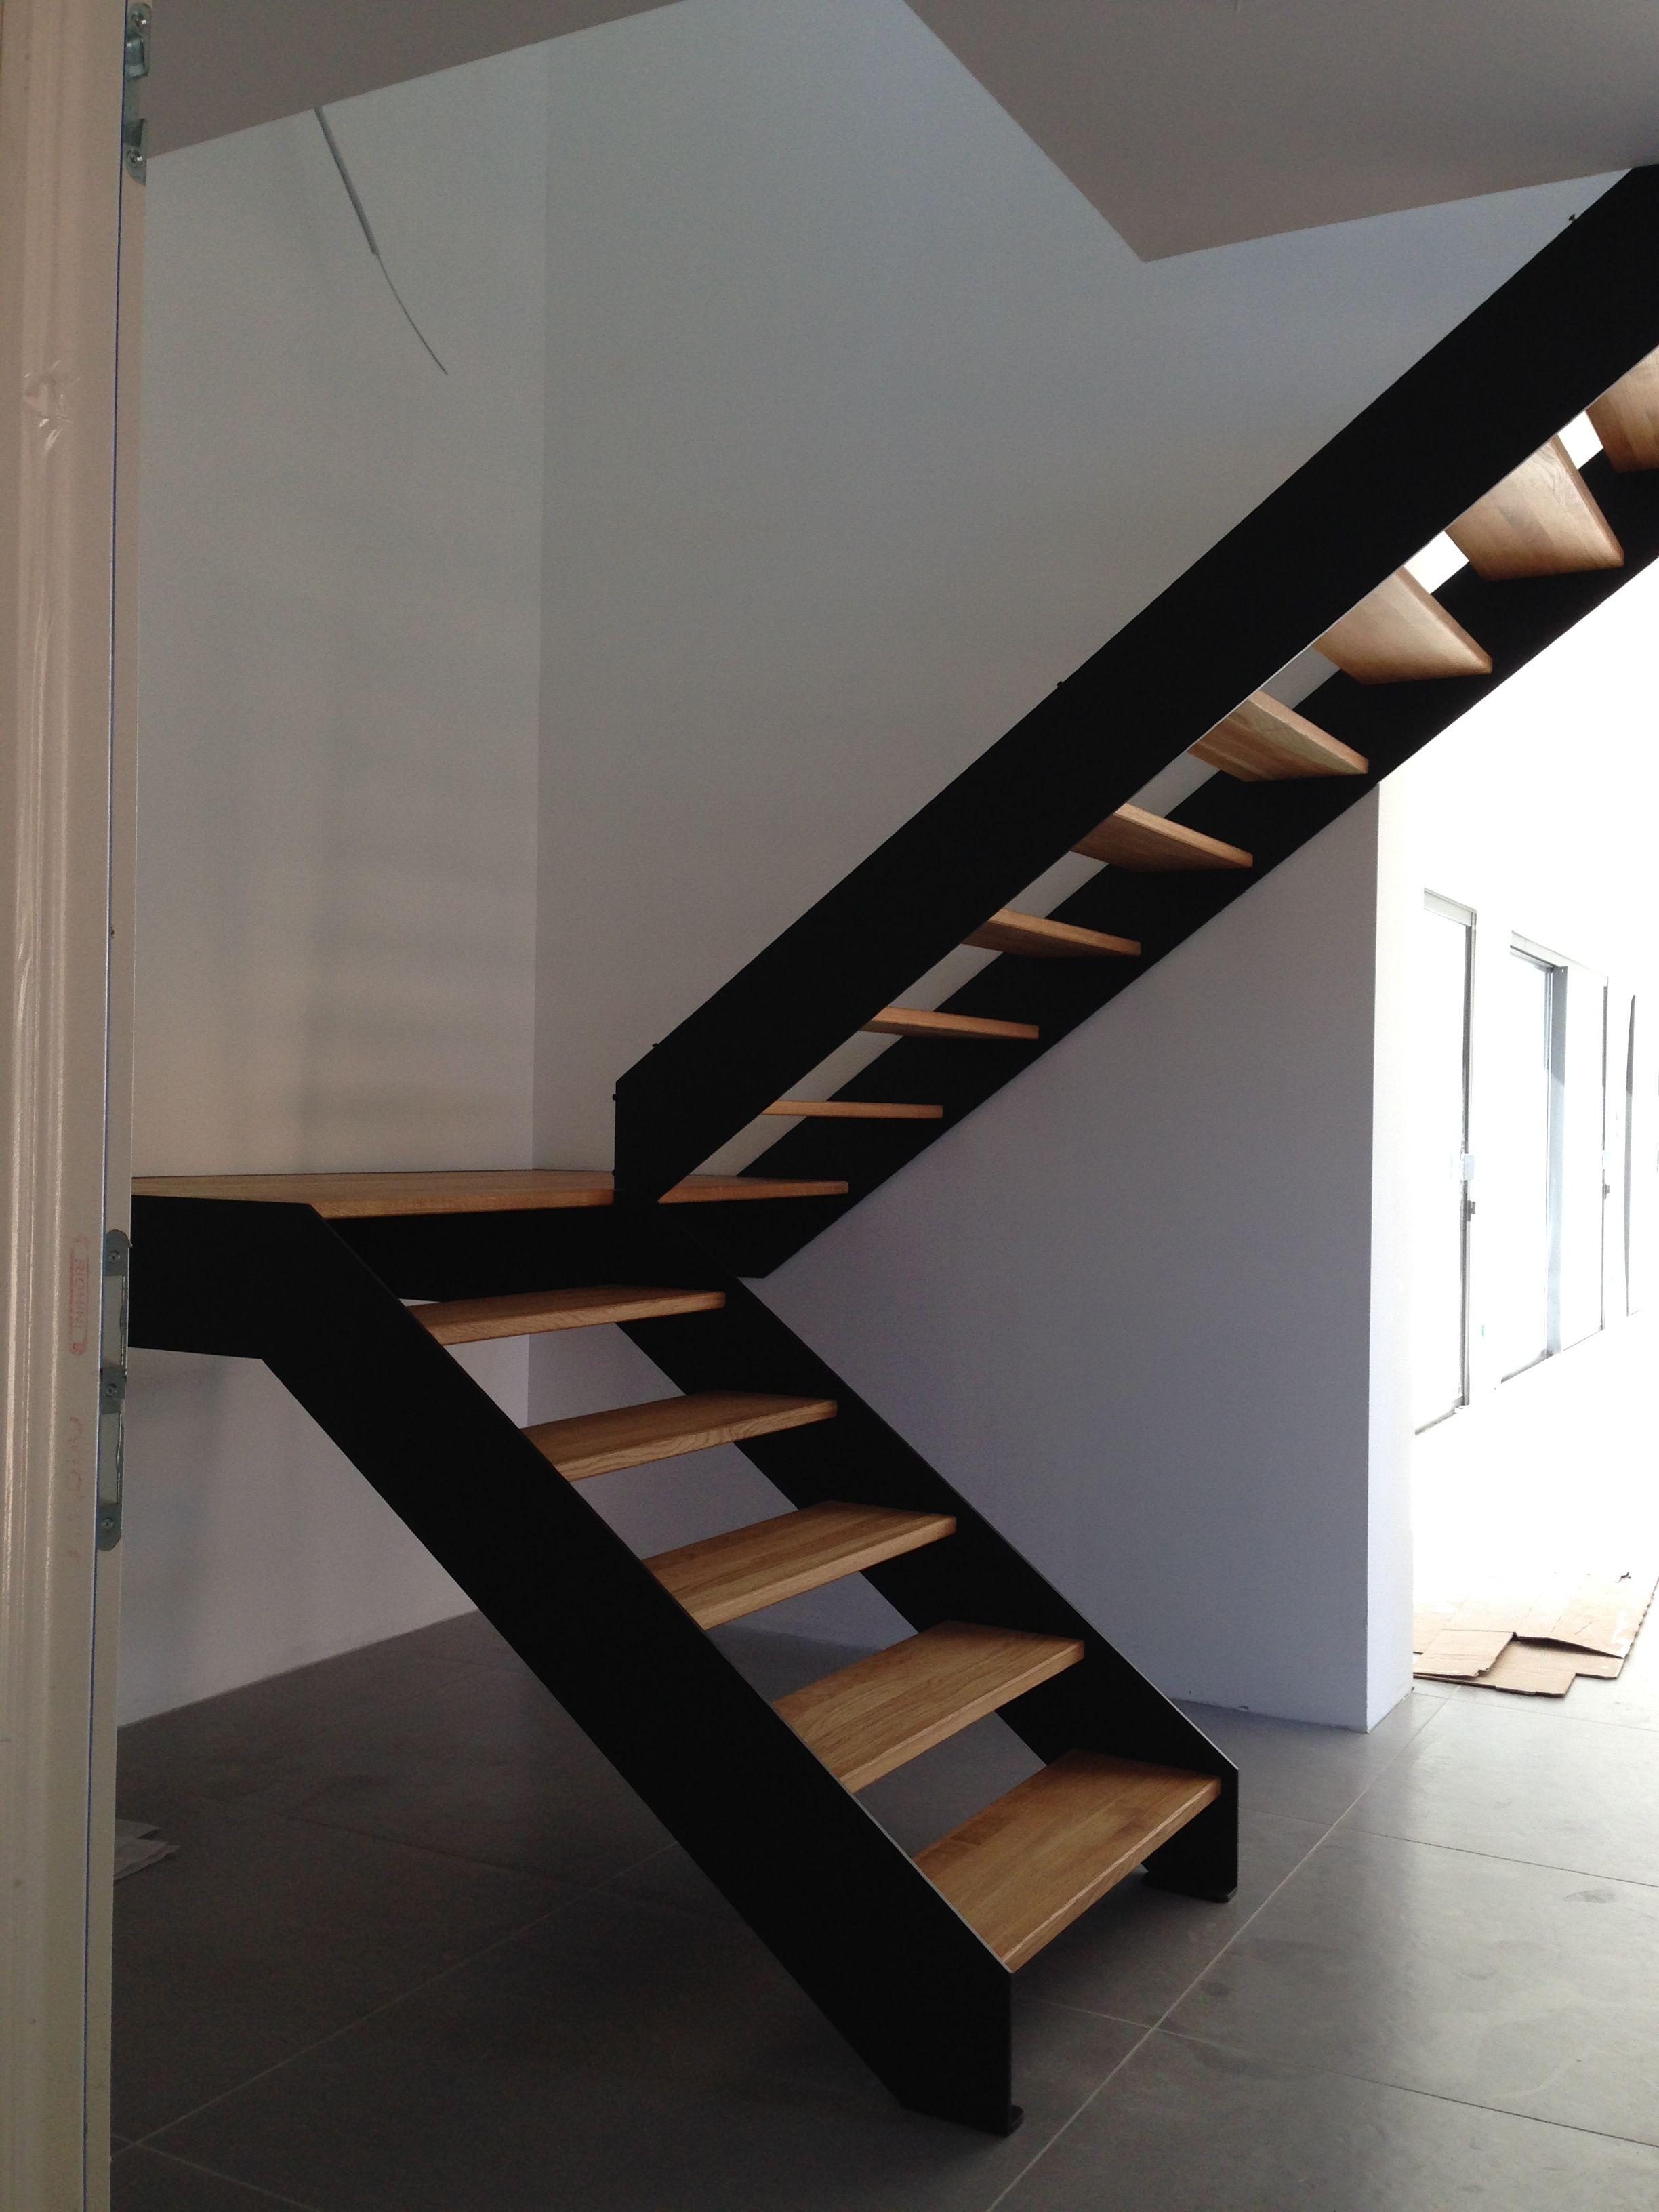 Épinglé par Ursula Stopka sur Stairs en 2019 | Escalier ...